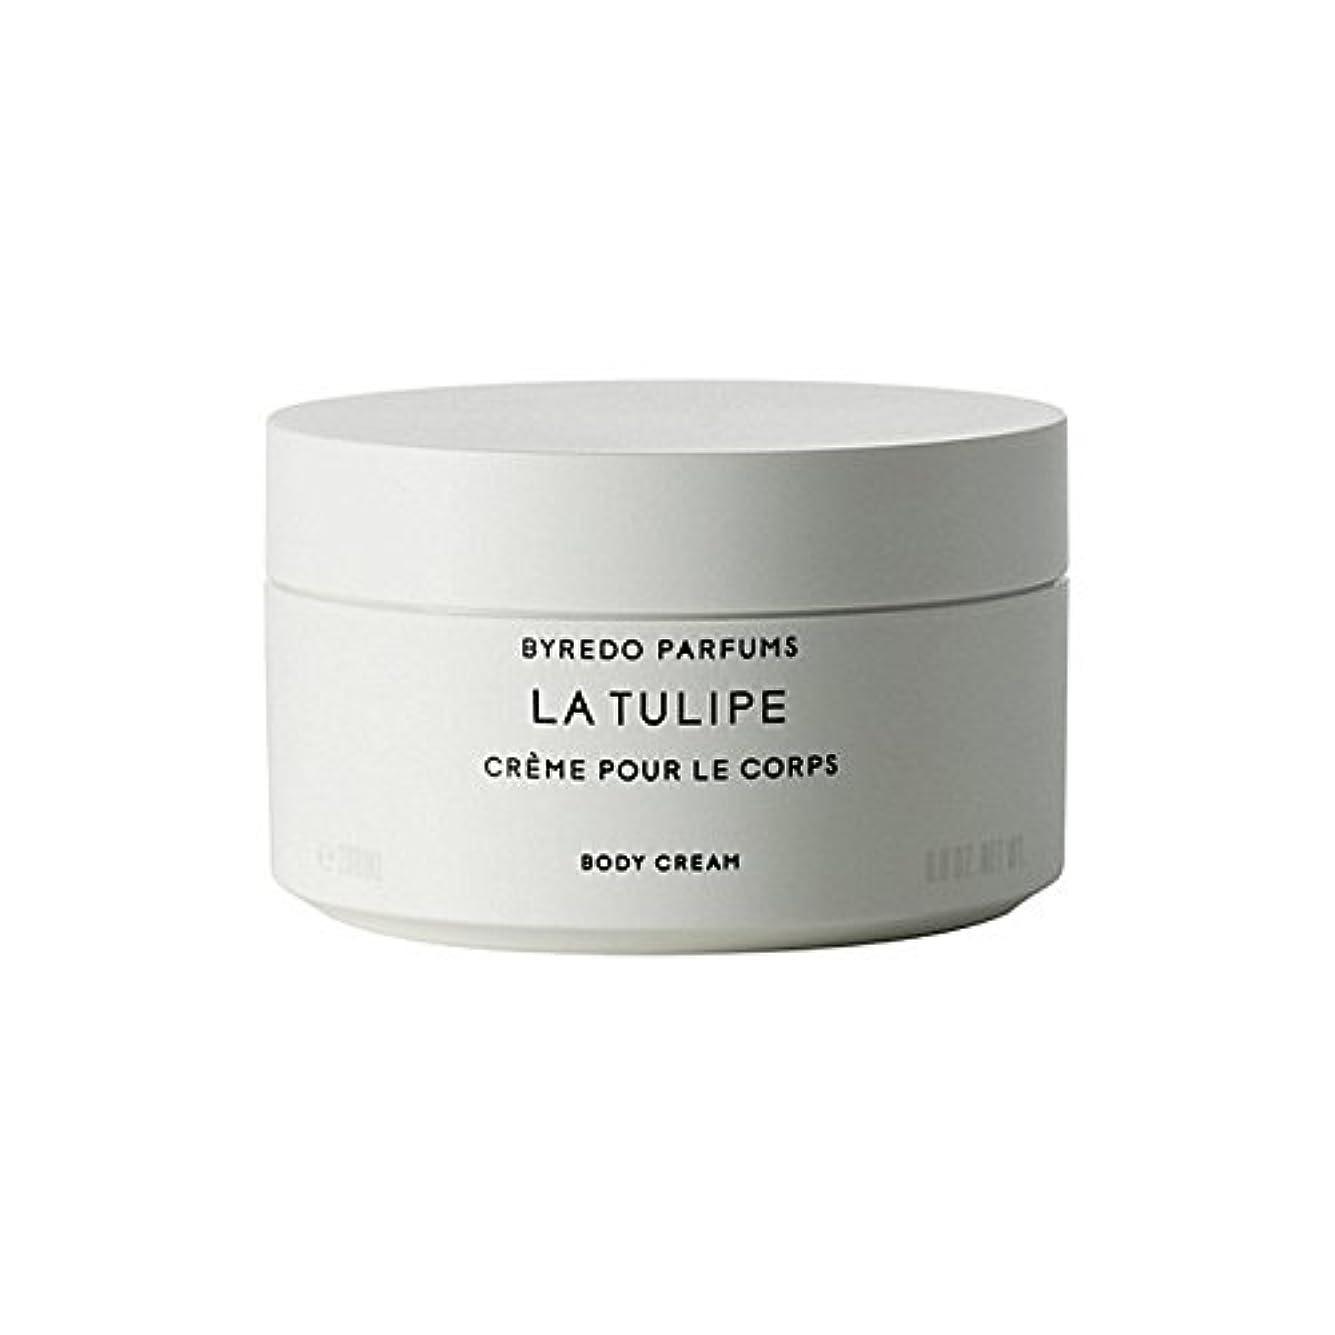 なかなか目指す誕生日ラチューリップボディクリーム200ミリリットル x4 - Byredo La Tulipe Body Cream 200ml (Pack of 4) [並行輸入品]